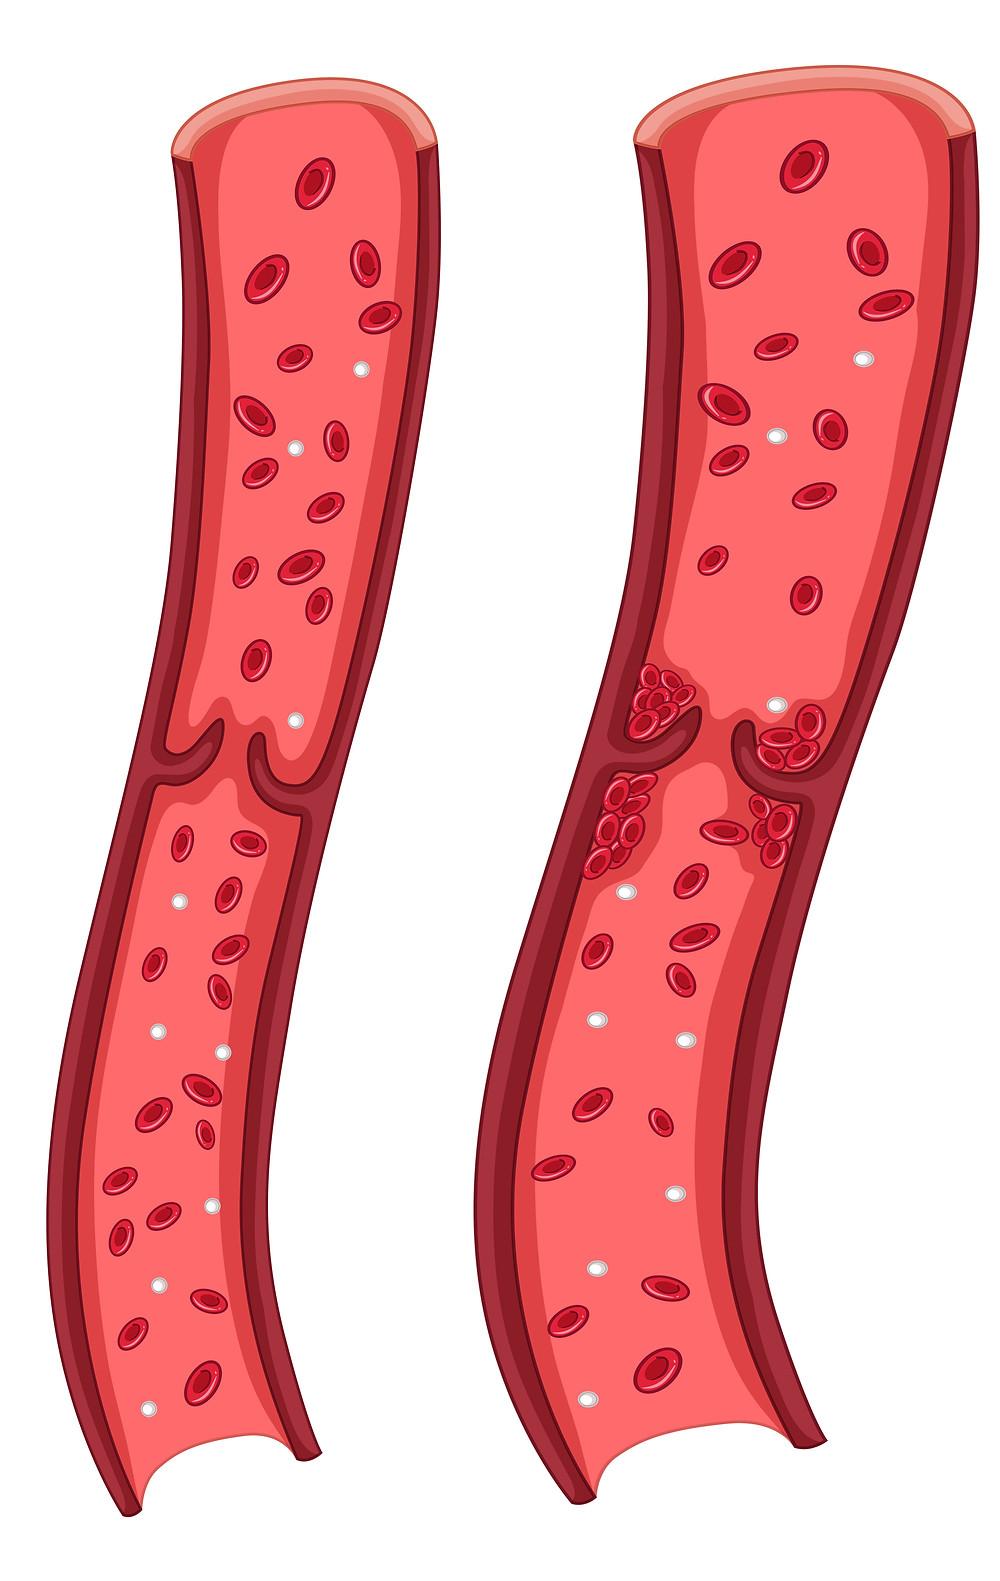 Venas cuando sufres enfermedad venosa crónica o piernas cansadas